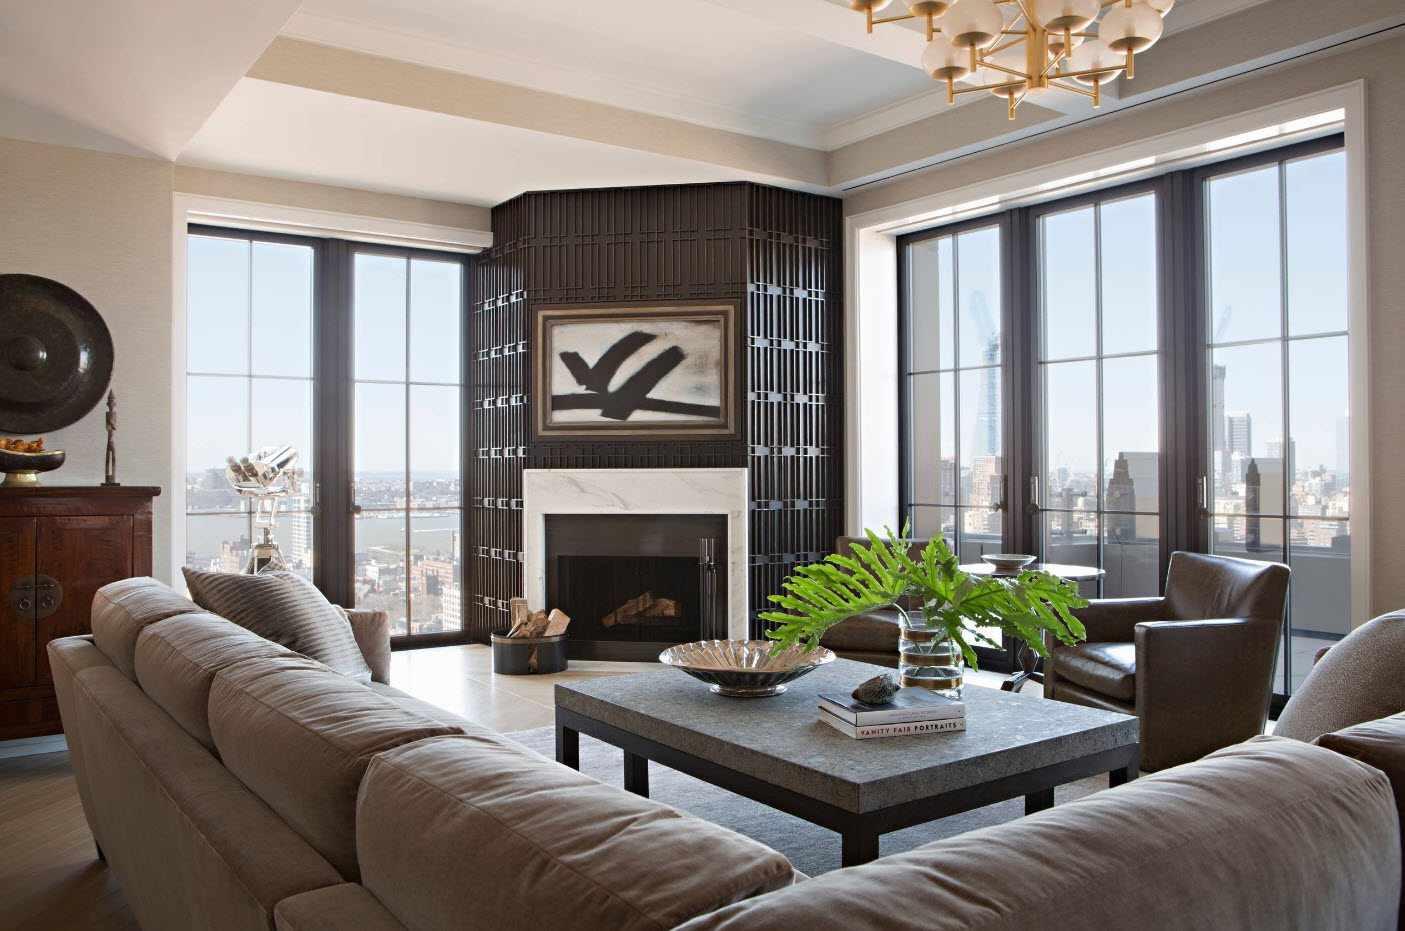 пример применения красивого дизайна гостиной комнаты с камином